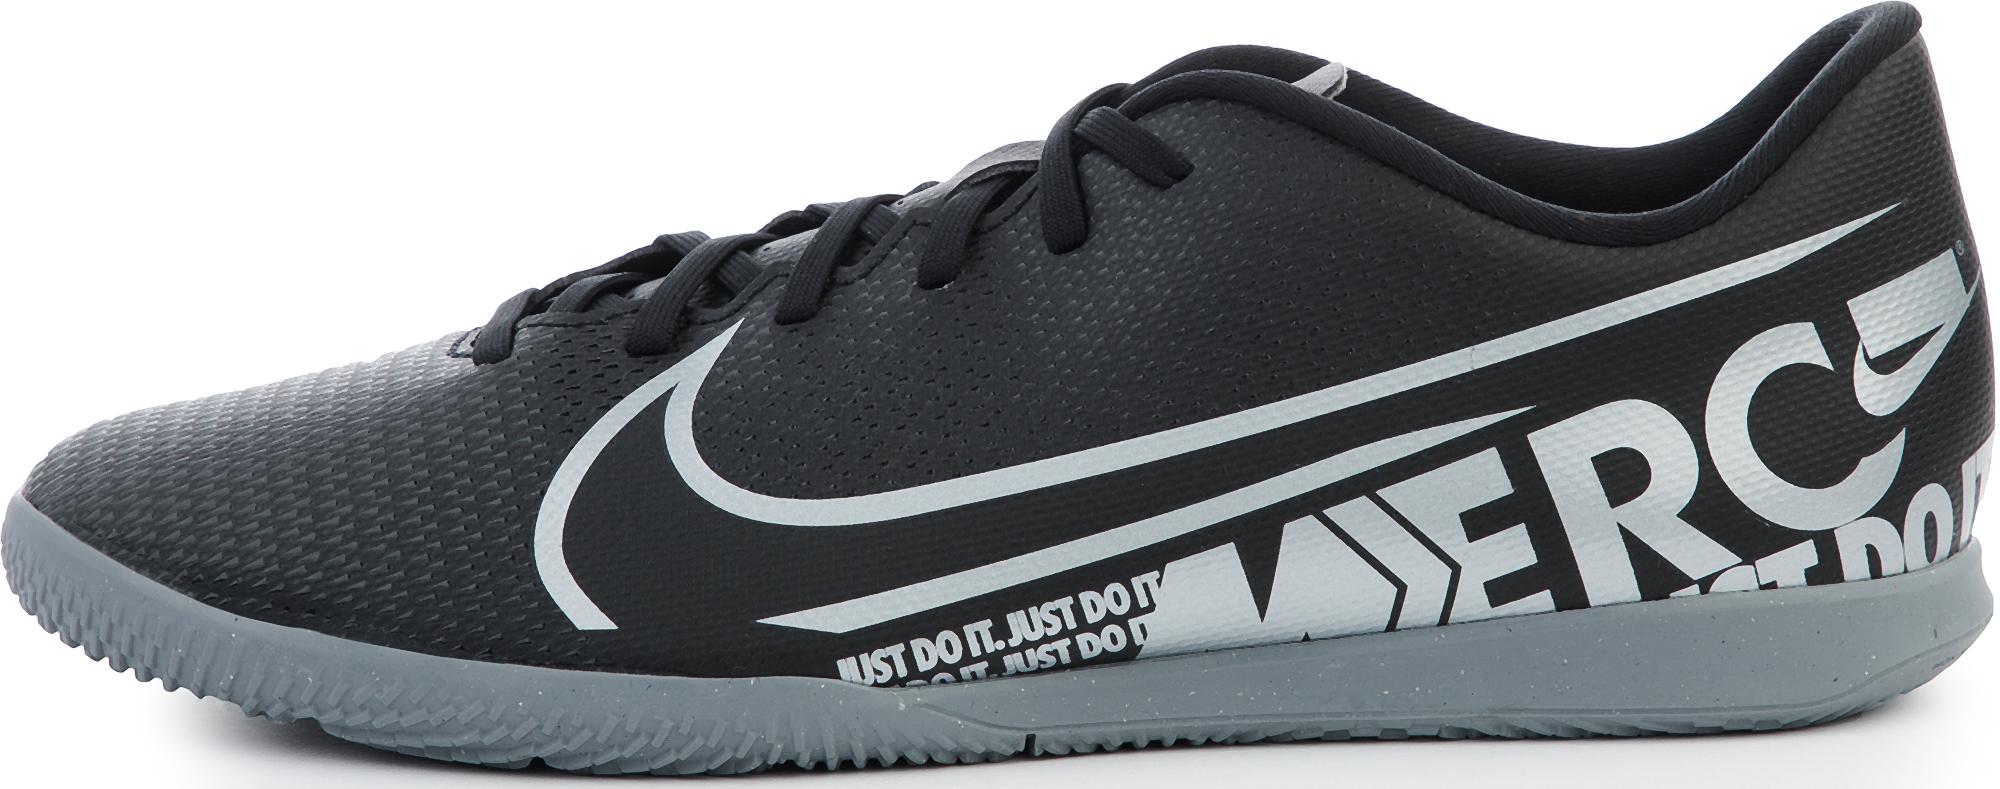 Nike Бутсы мужские Nike Vapor 13 Club IC, размер 40 блендер gastrorag ic ce180